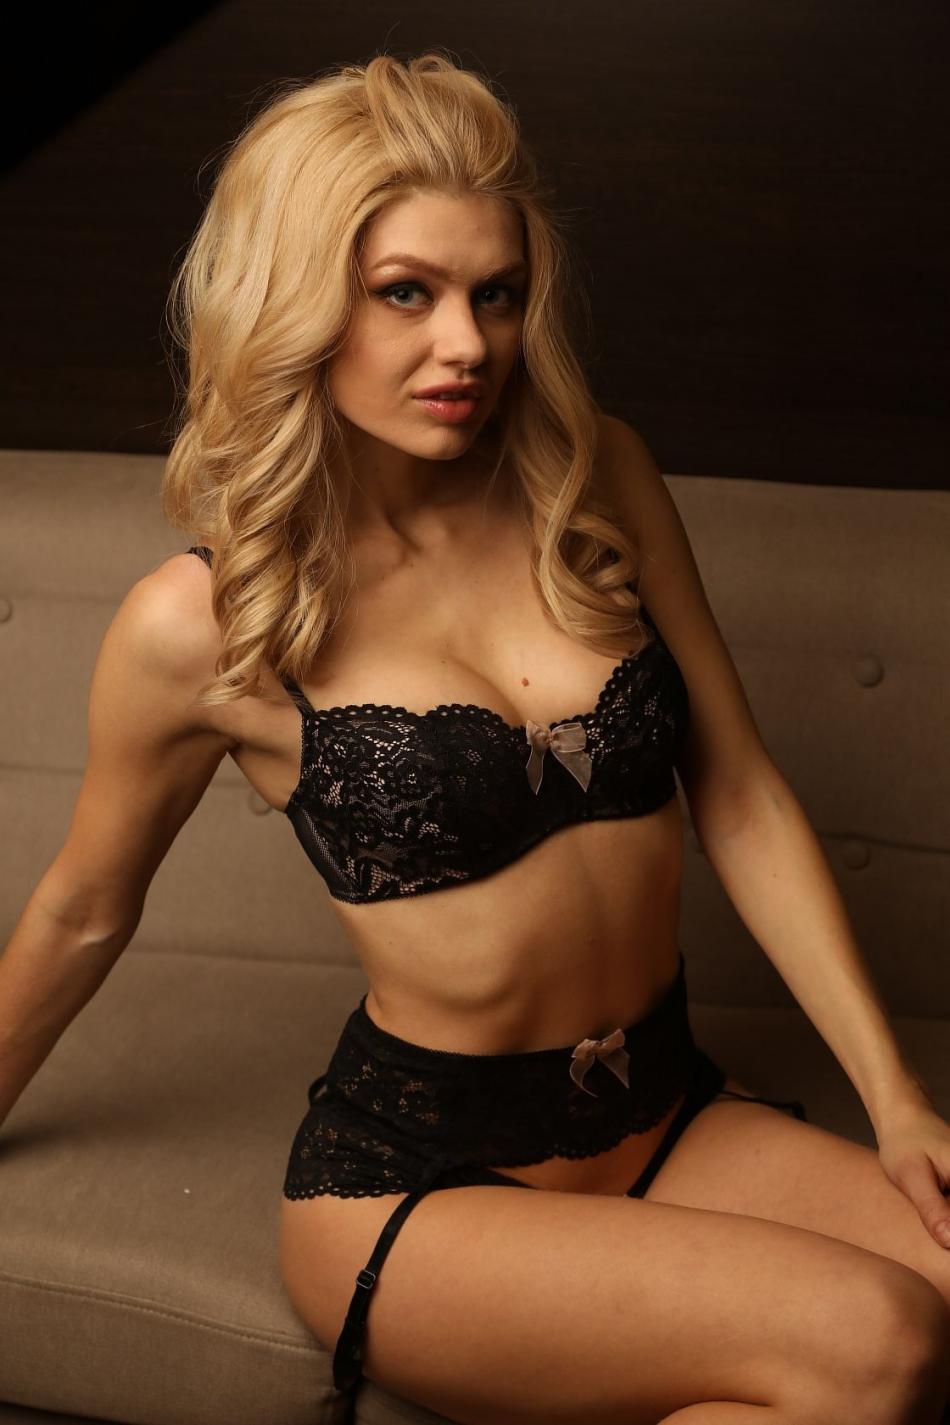 Ladyfordaddy.com Mia Escort Girl In New York 7700921 - 1 1